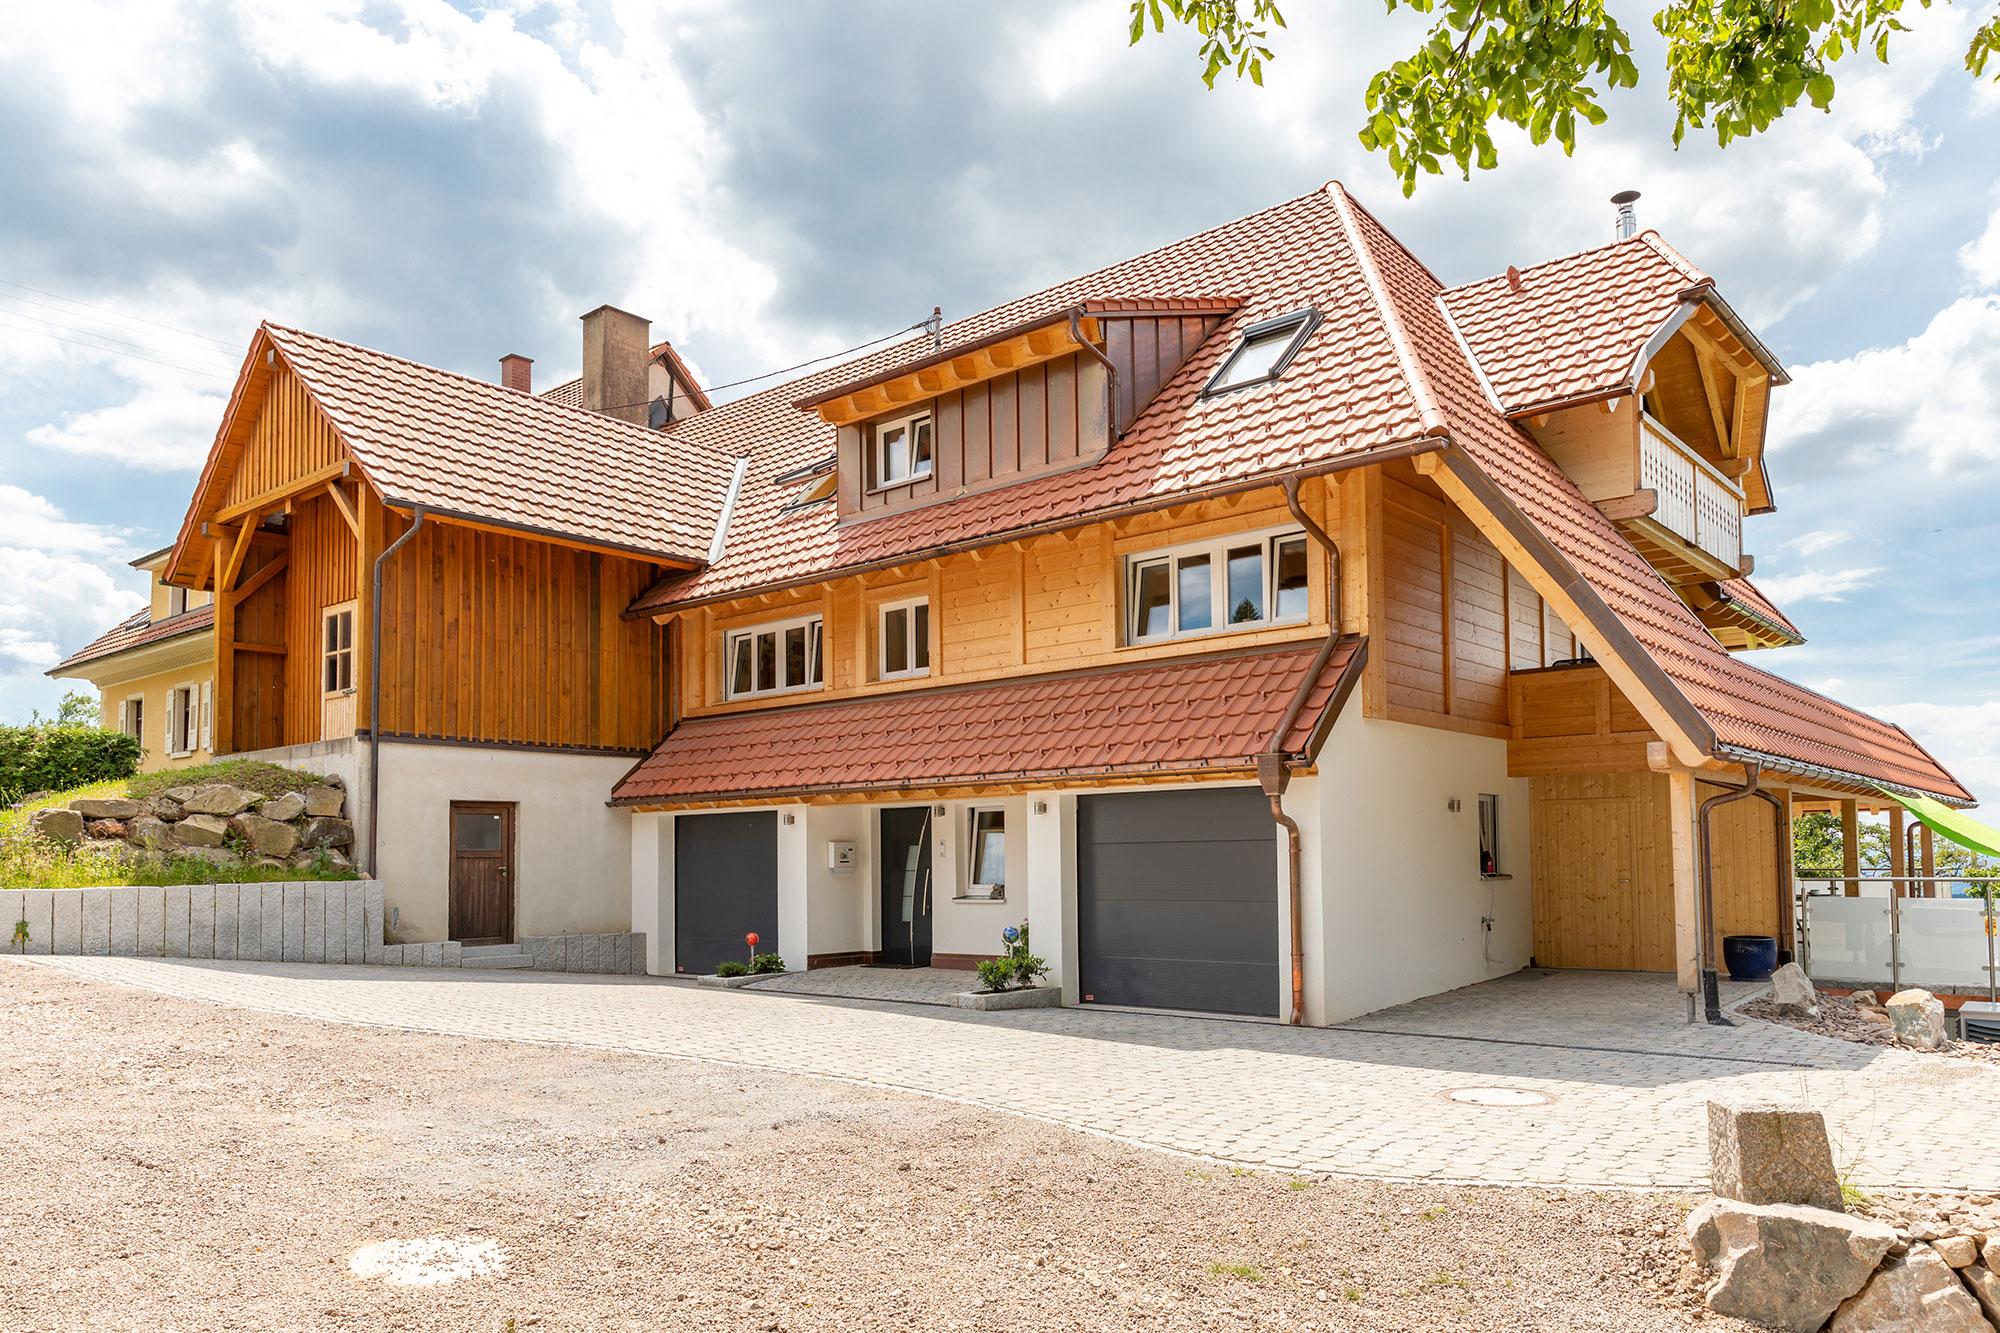 Bruno Kaiser - Umbau Holzbauweise